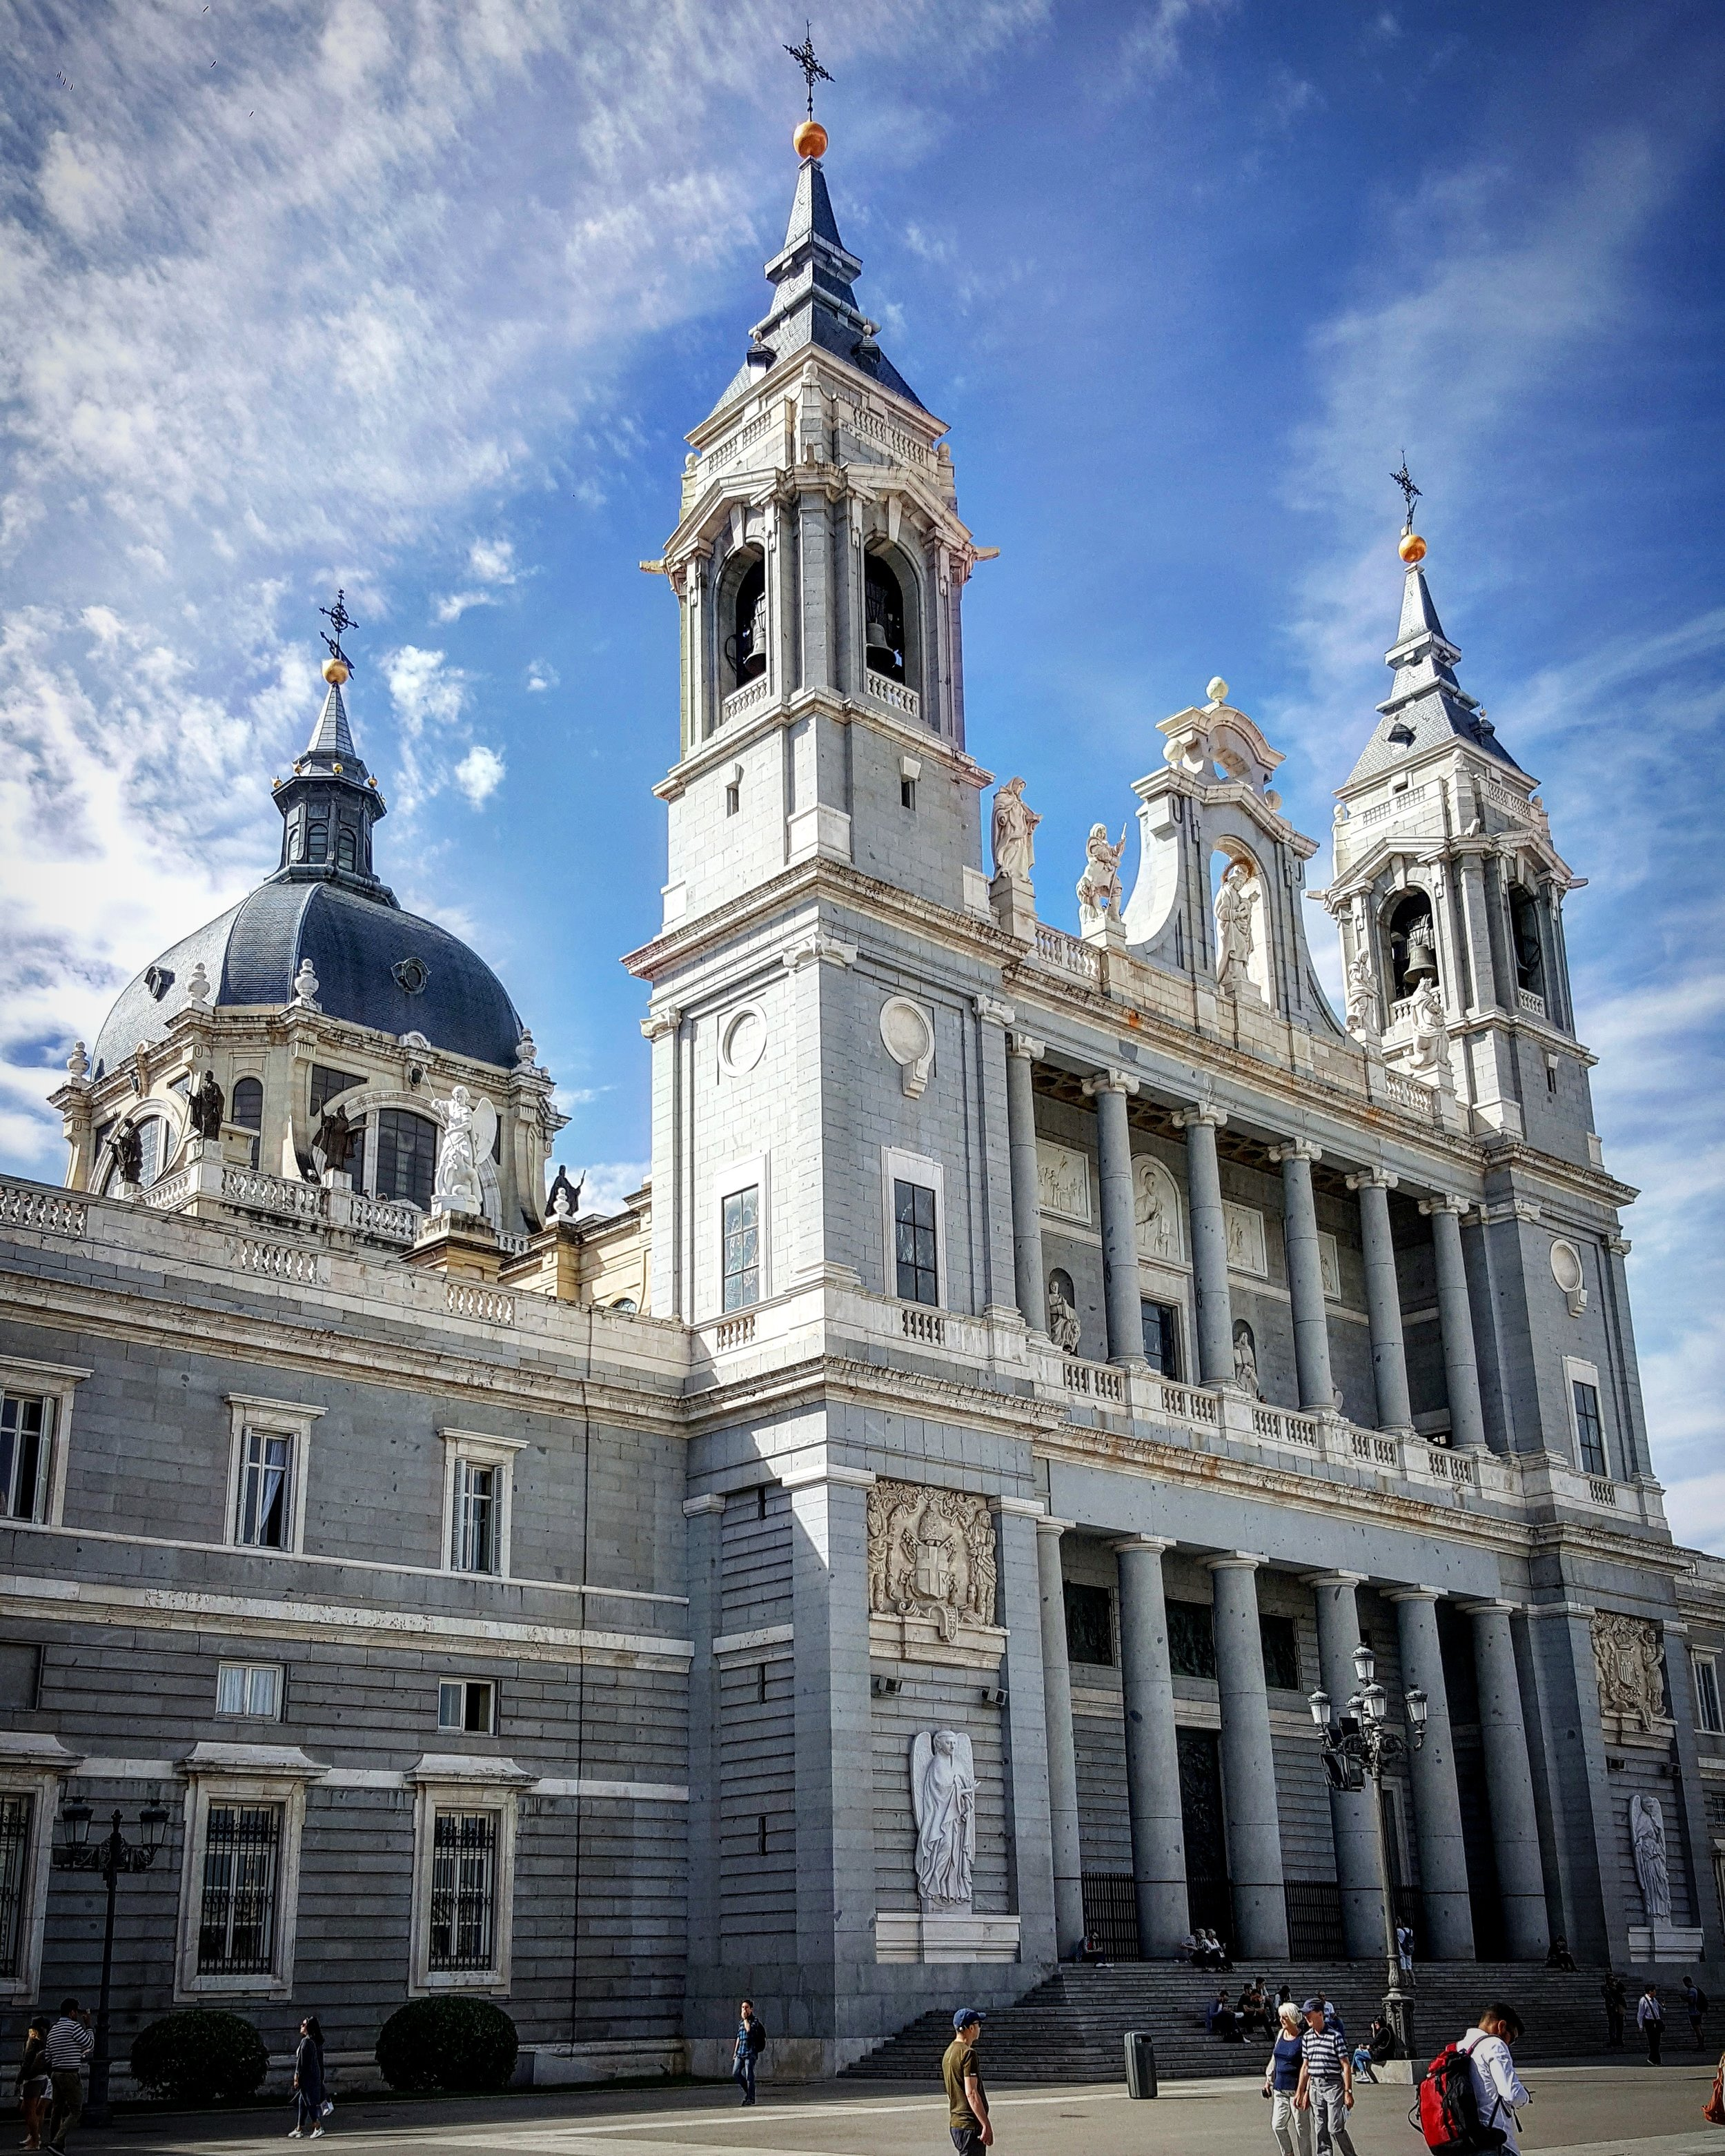 Catedral de la Almuneda frente al Palacio Real de Madrid